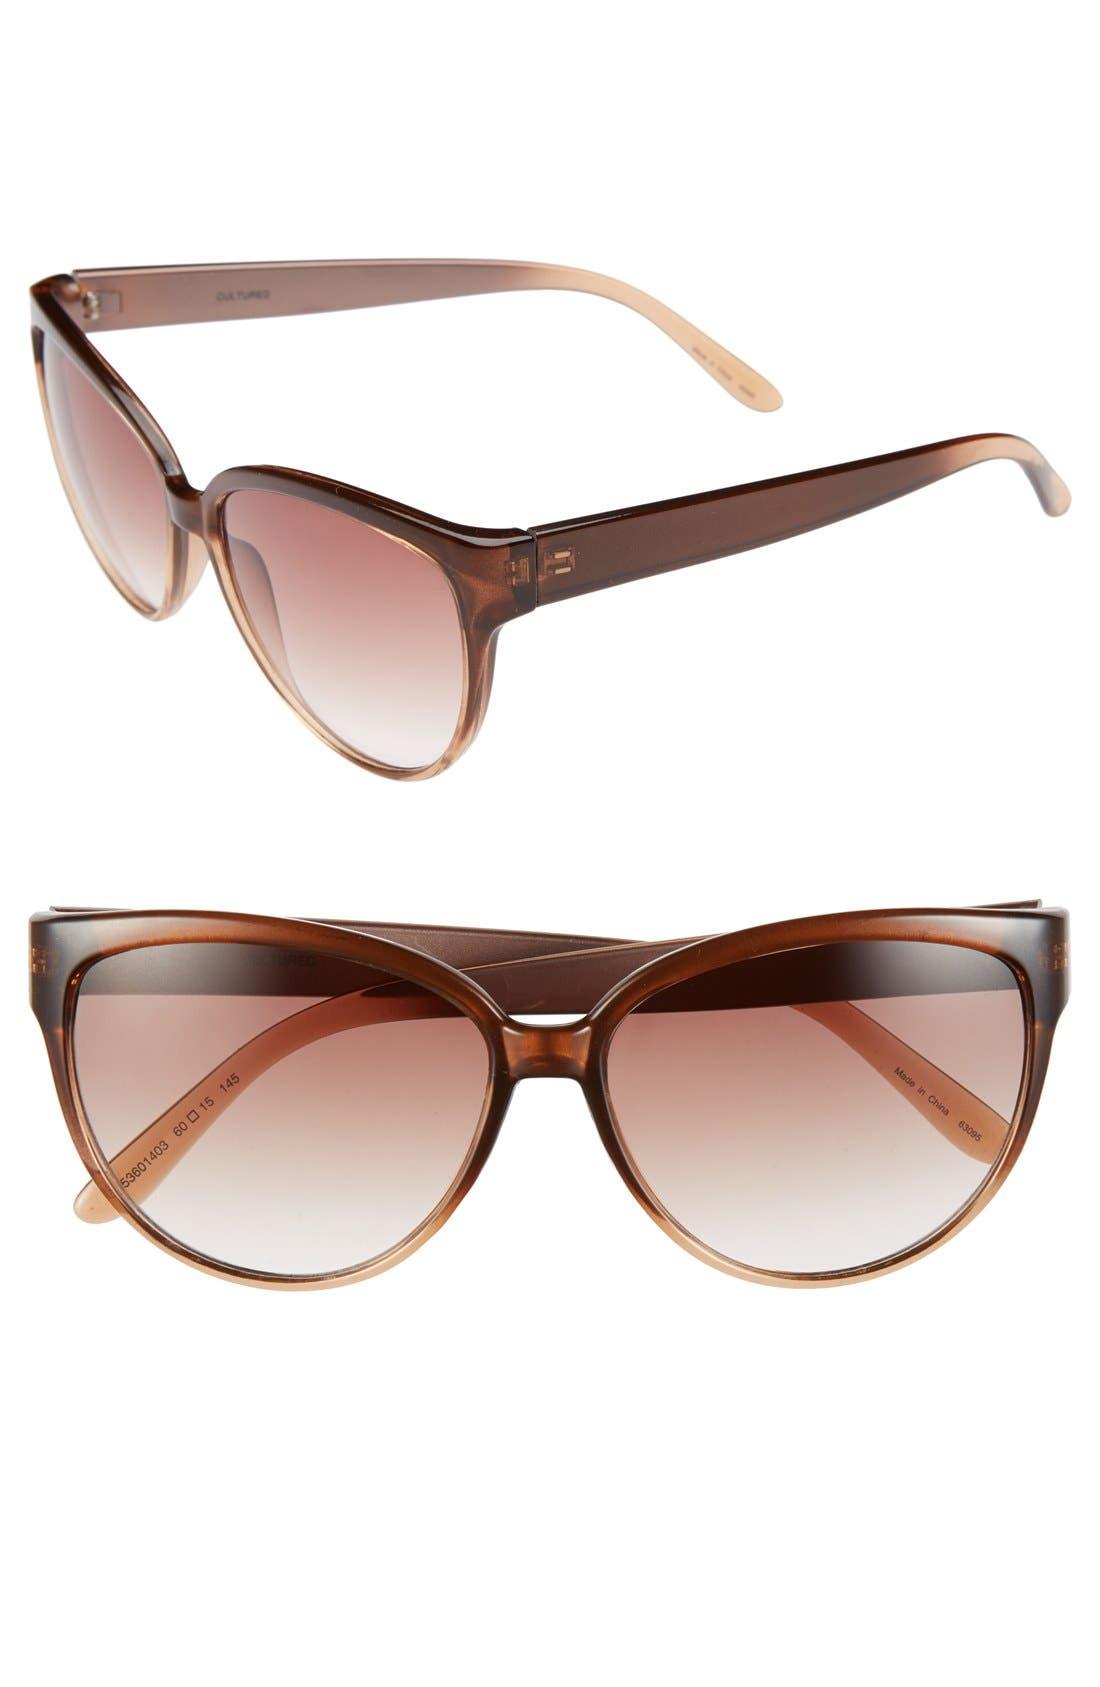 Alternate Image 1 Selected - Outlook Eyewear 60mm Cat Eye Sunglasses